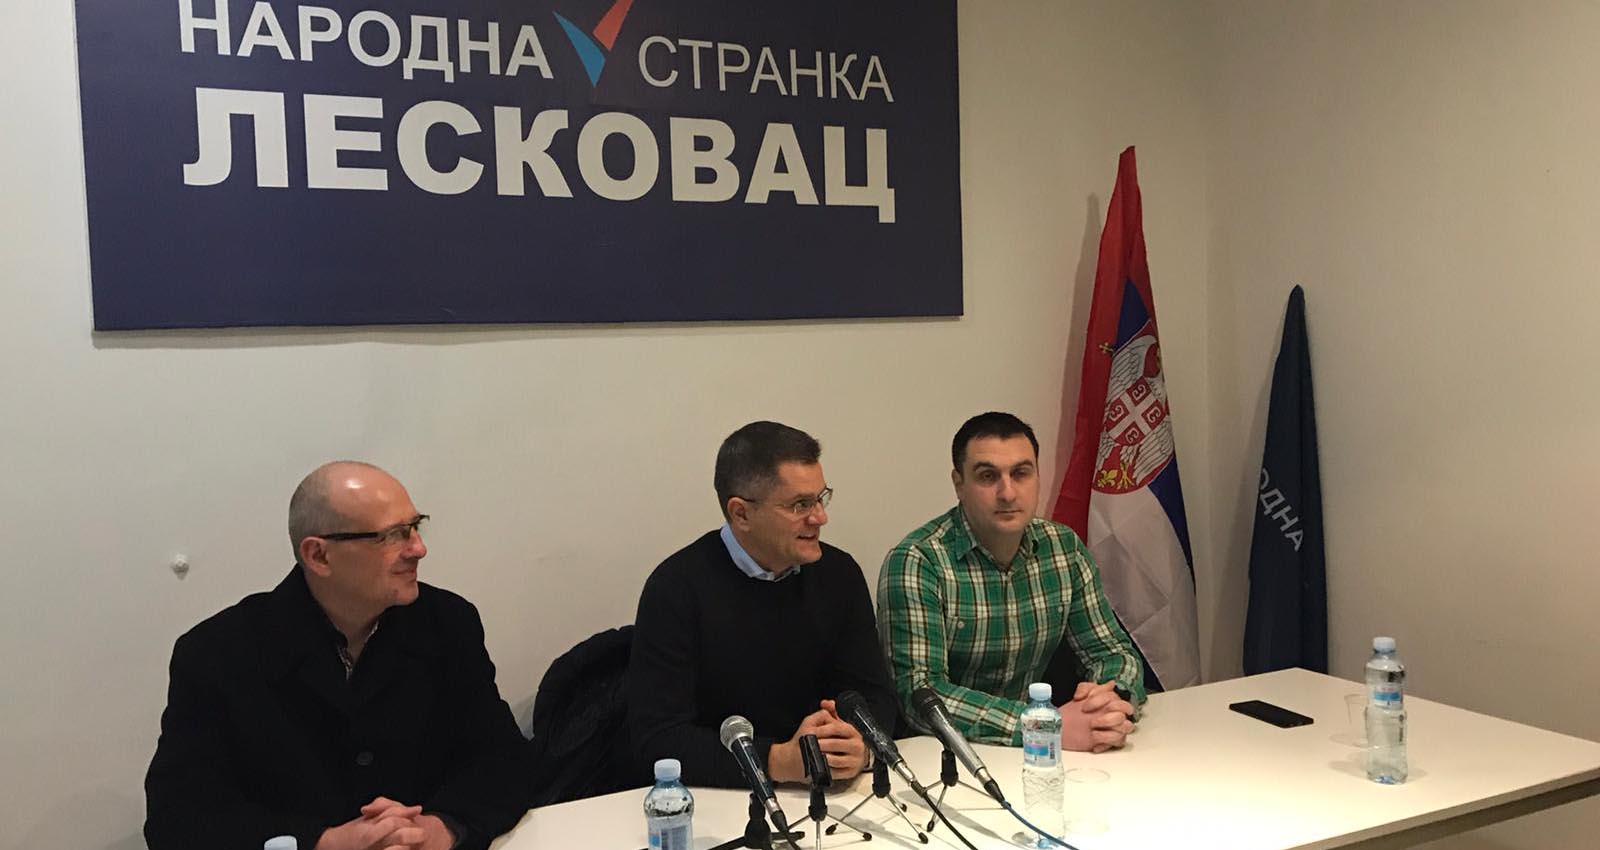 Јеремић позвао Ану Брнабић на телевизијски дуел